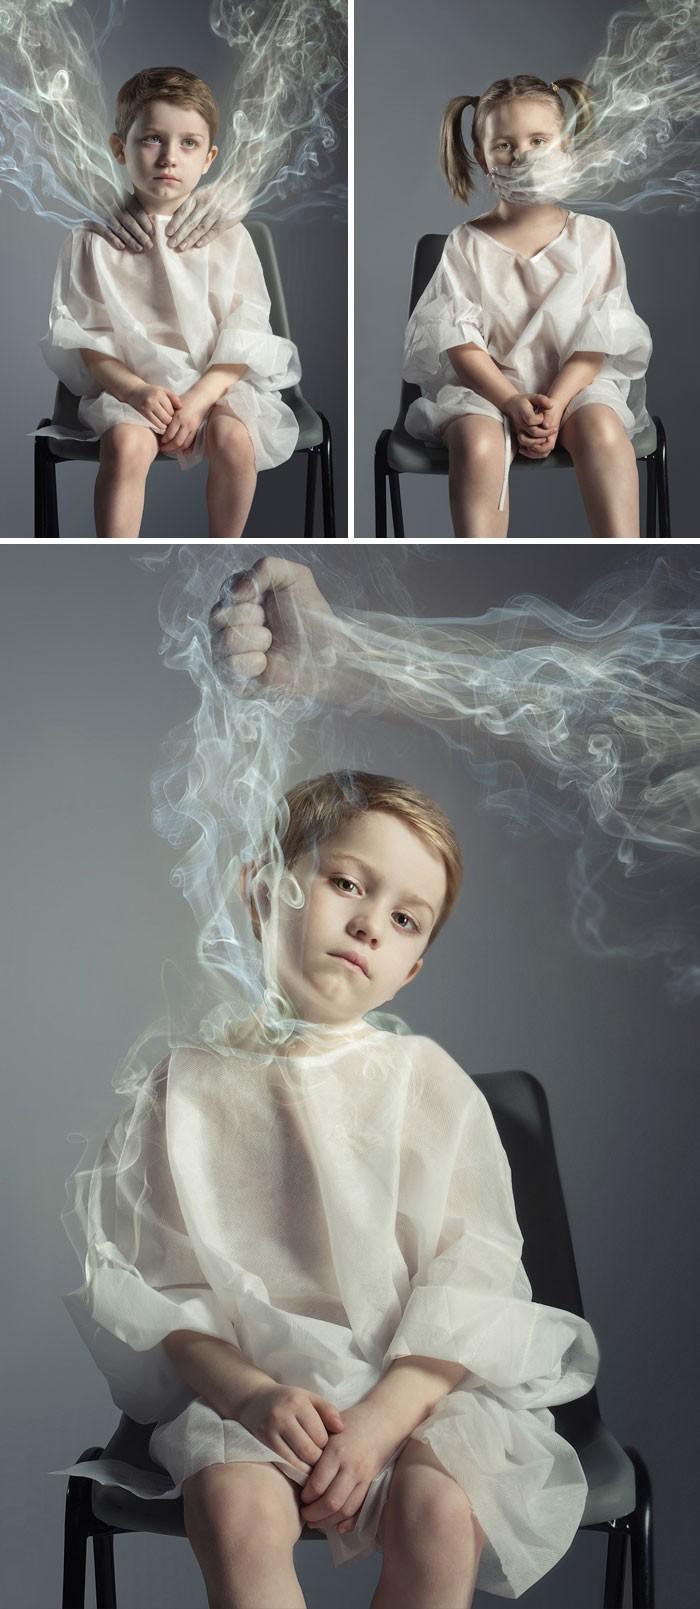 Chùm ảnh biết nói cho thấy tác hại kinh khủng của thuốc lá khiến cả những người không hút thuốc cũng phải suy ngẫm - Ảnh 6.